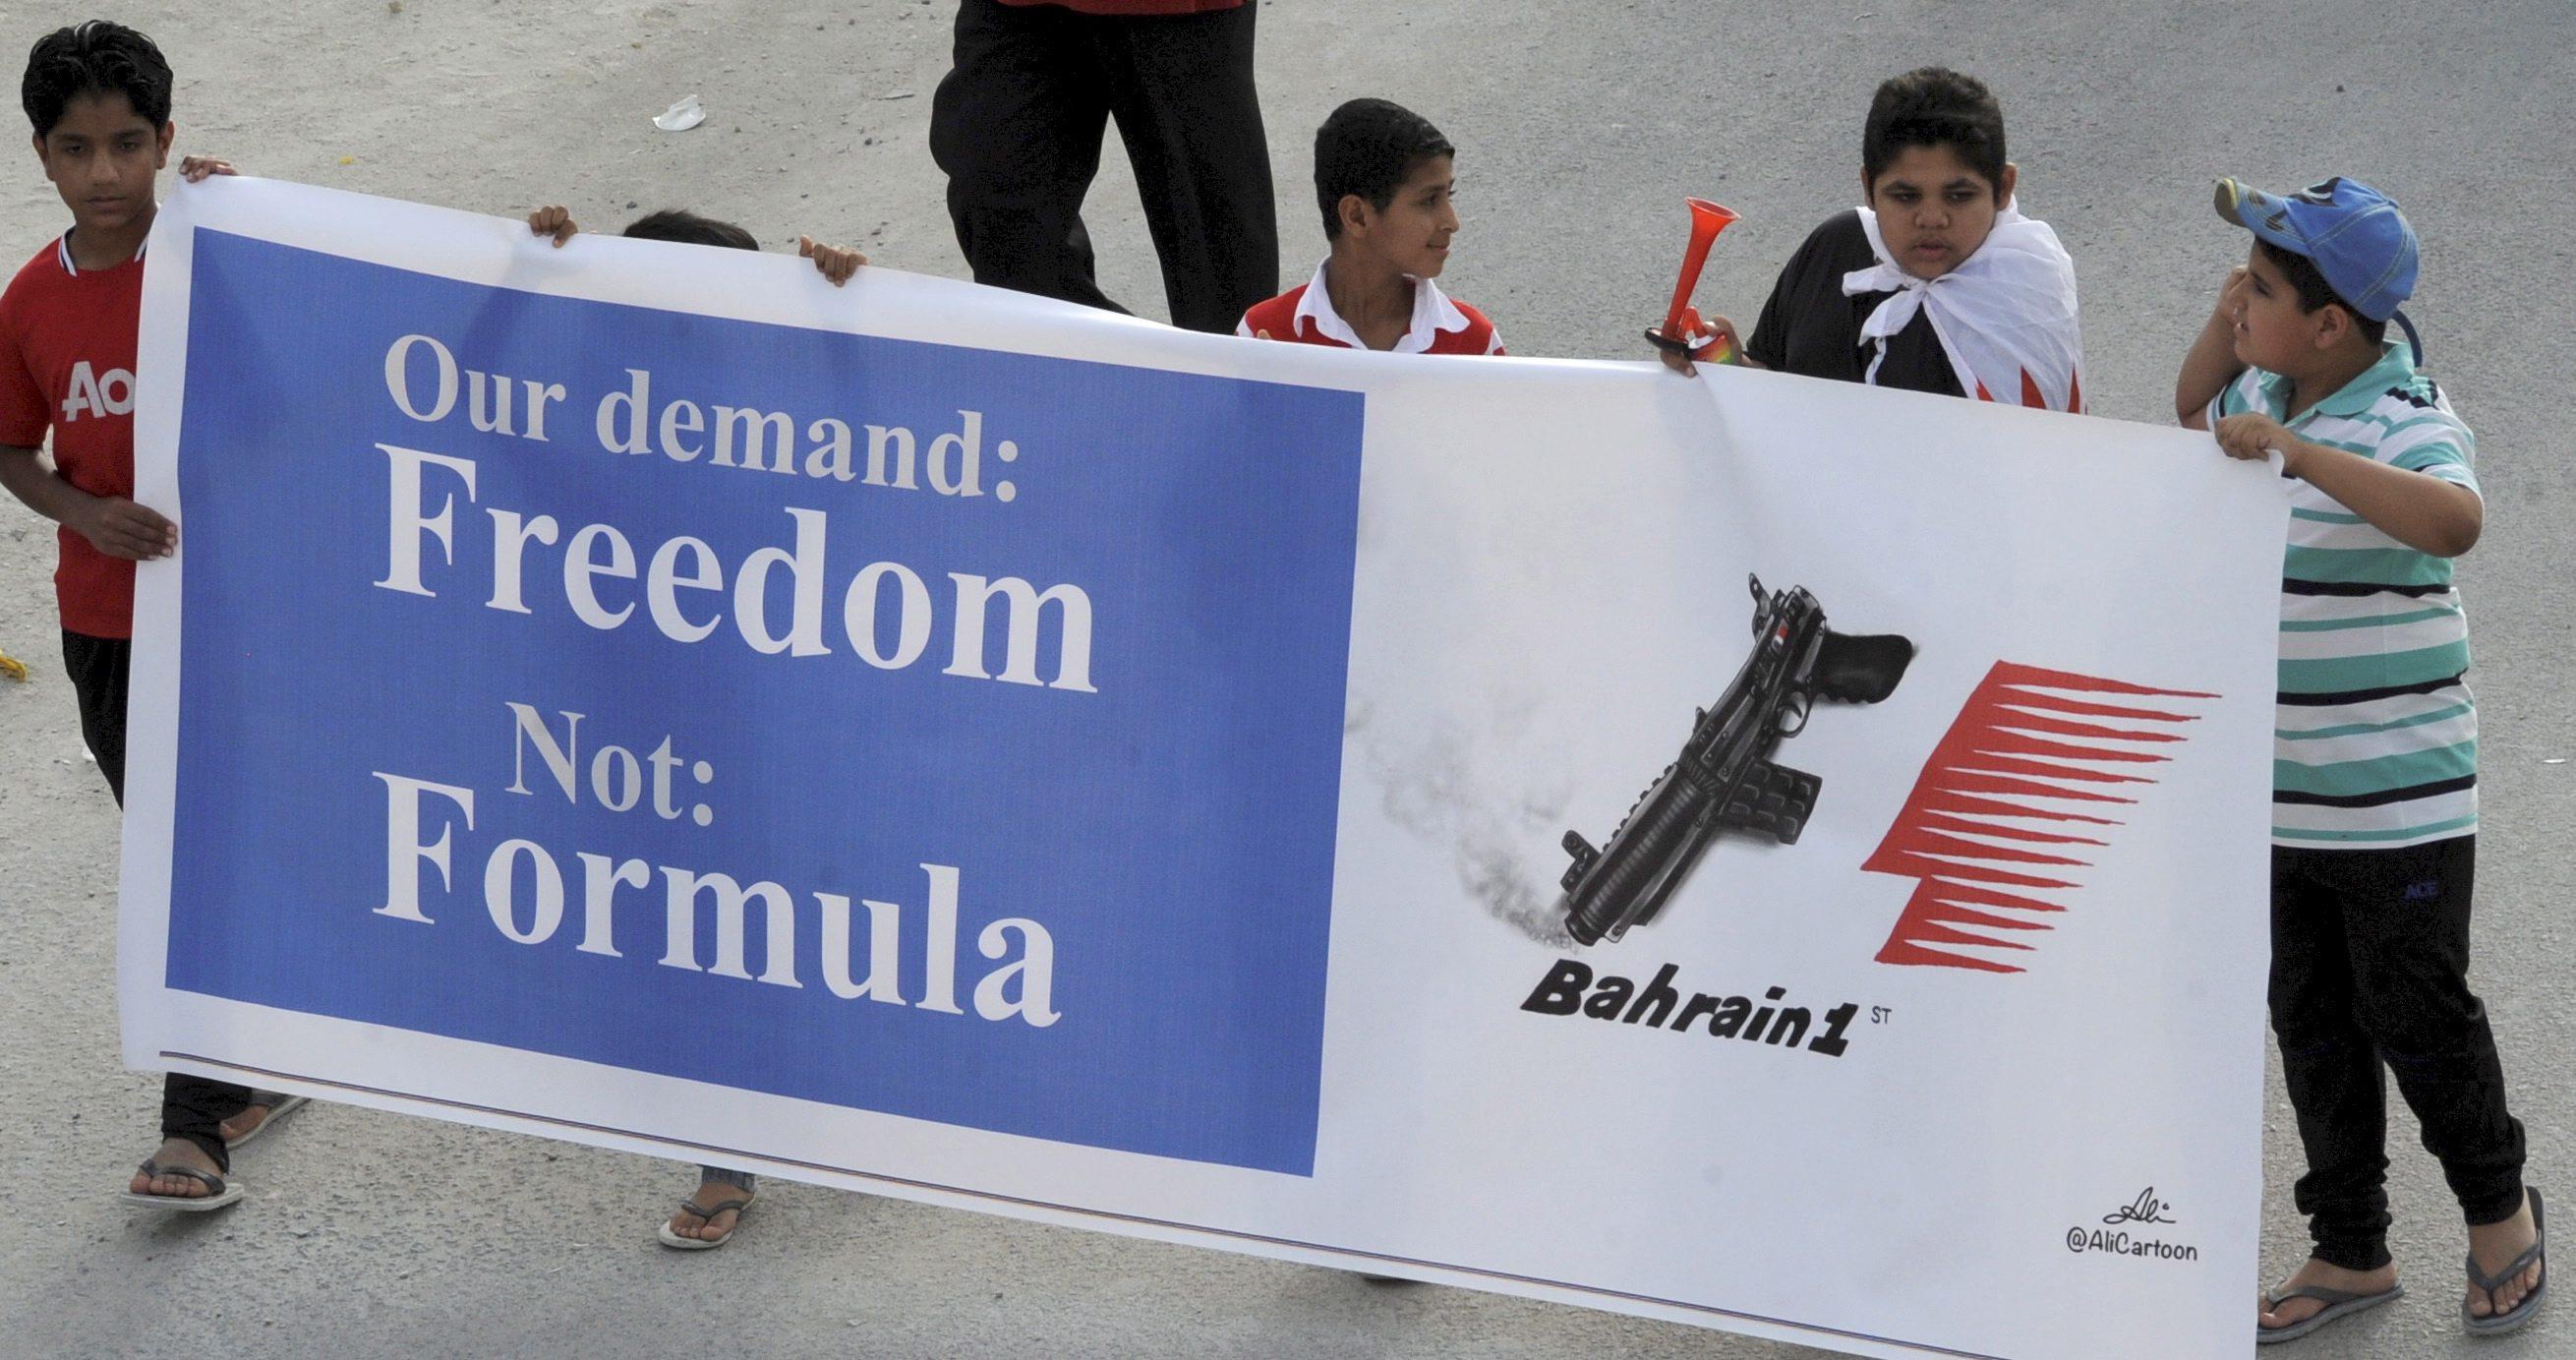 С протести посрещнаха отборите от Ф1 в Бахрейн